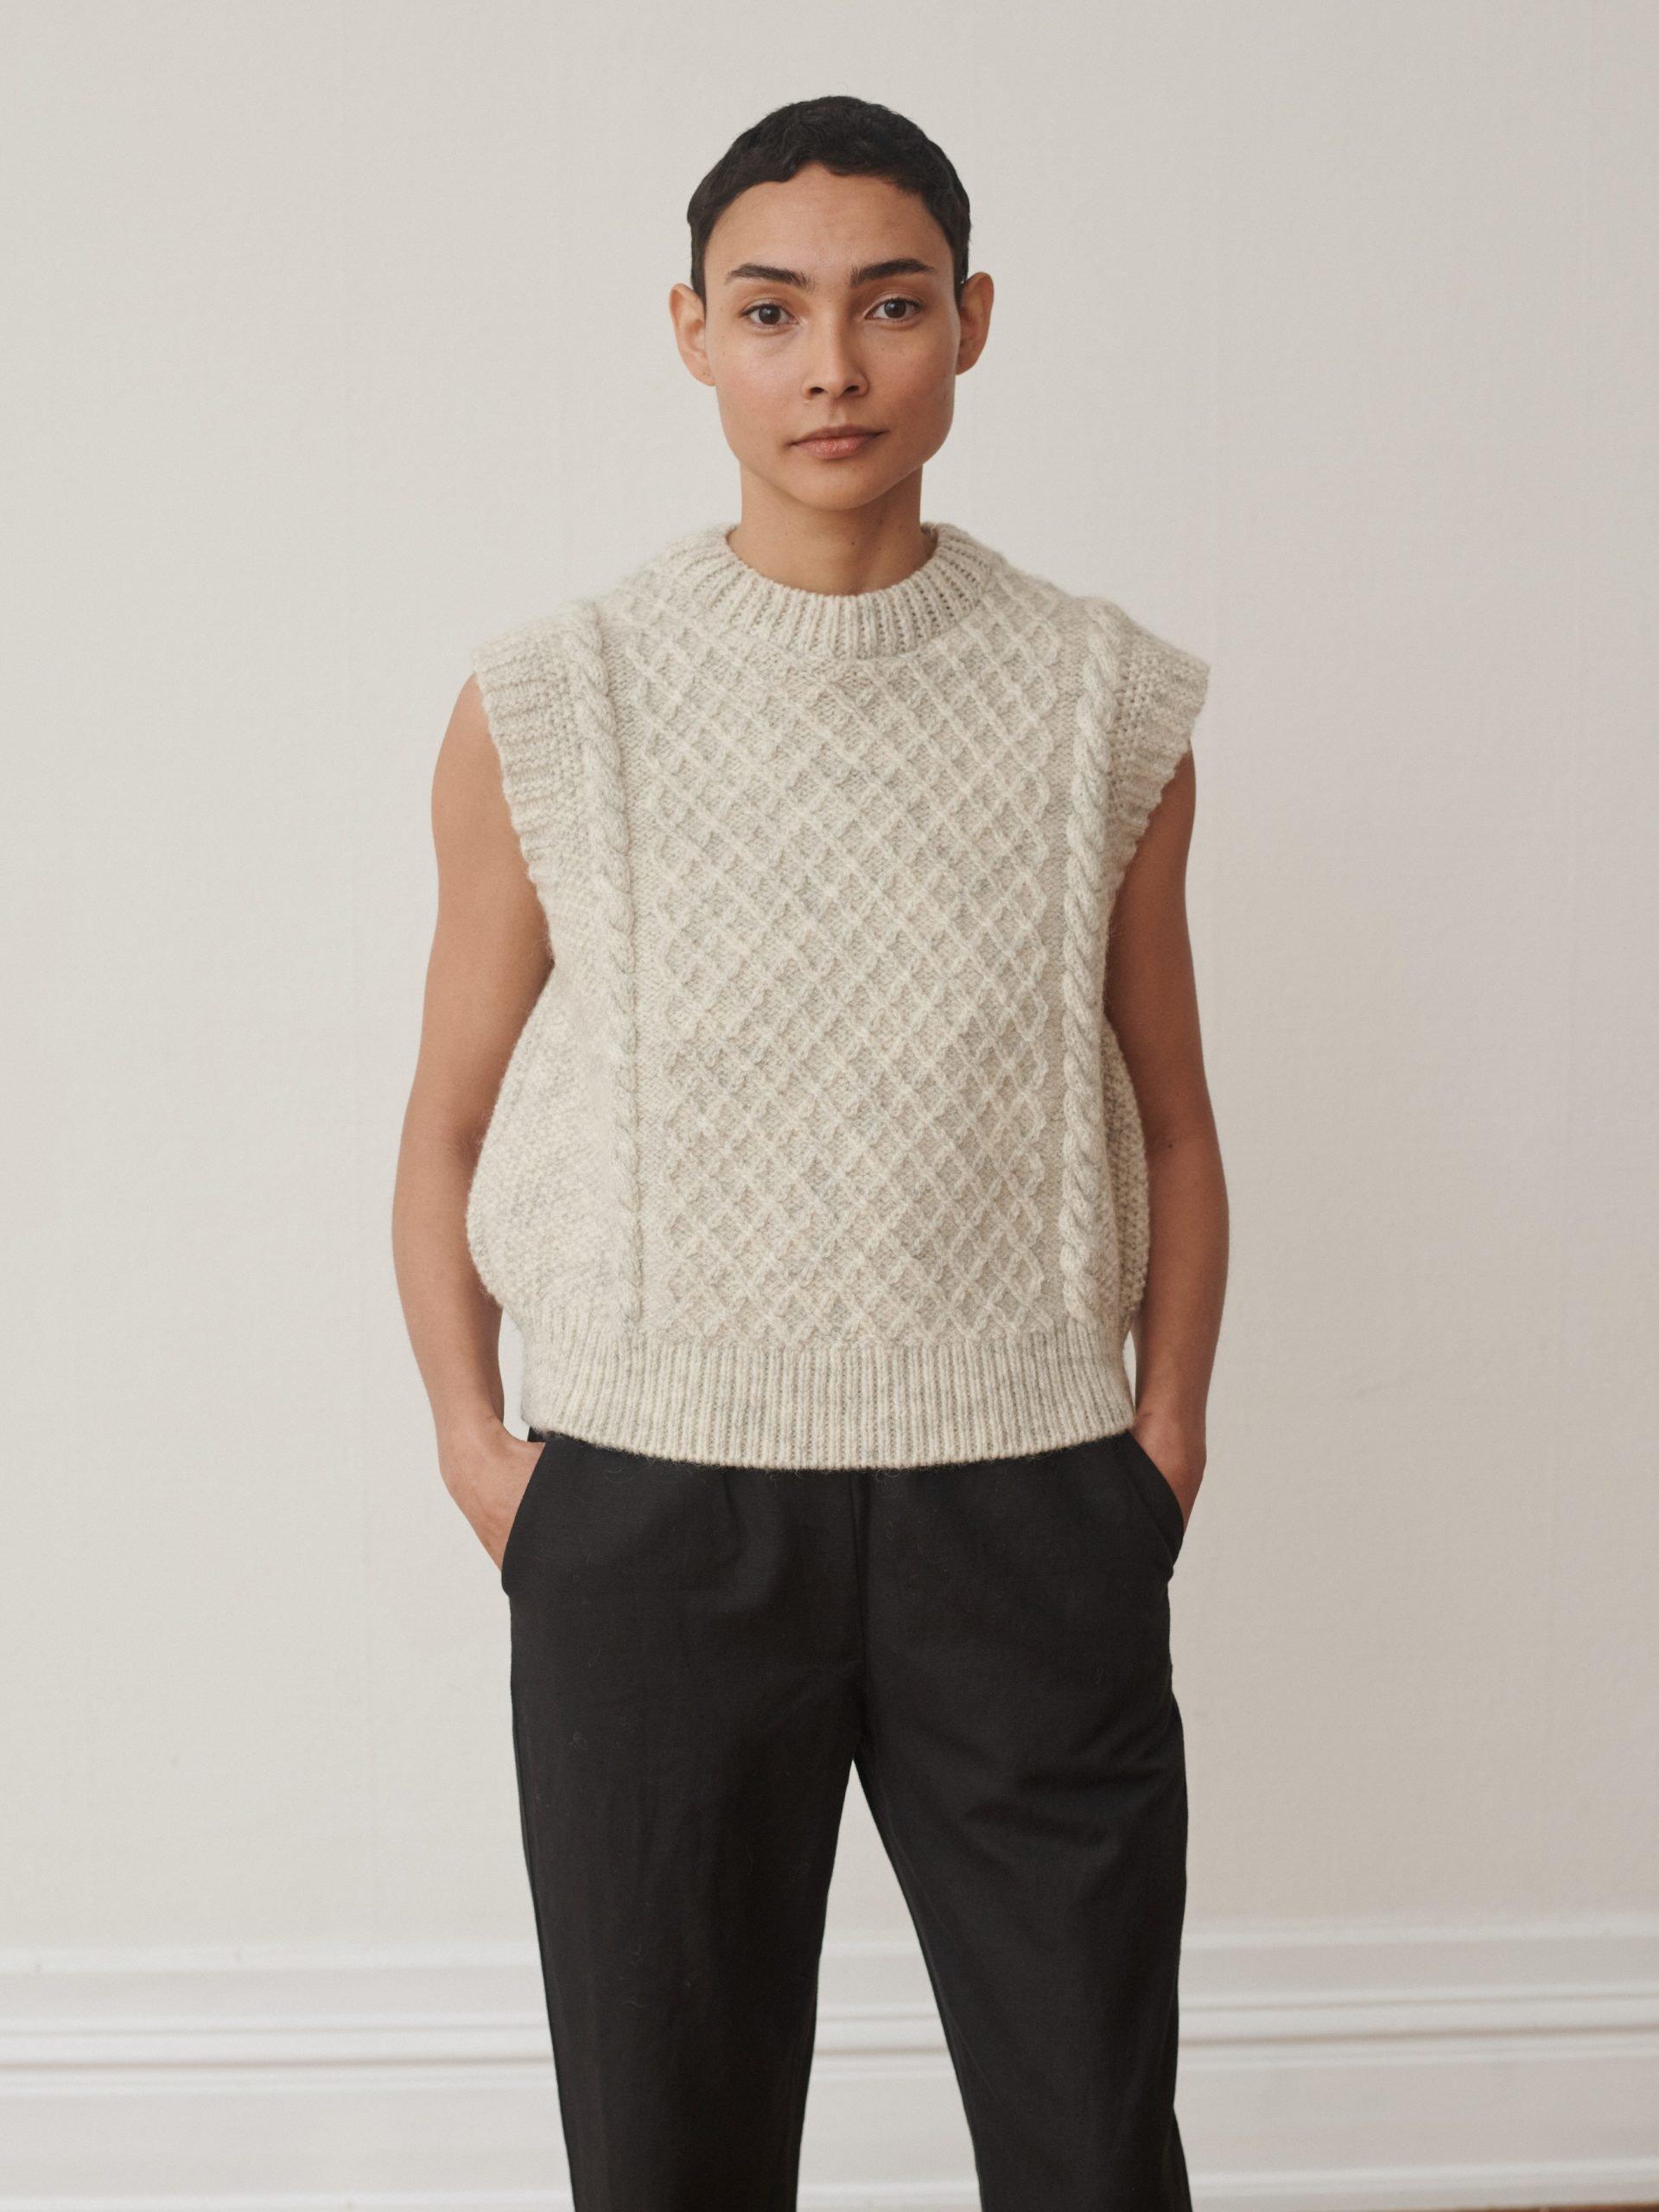 Skall studio model wearing knitted vest